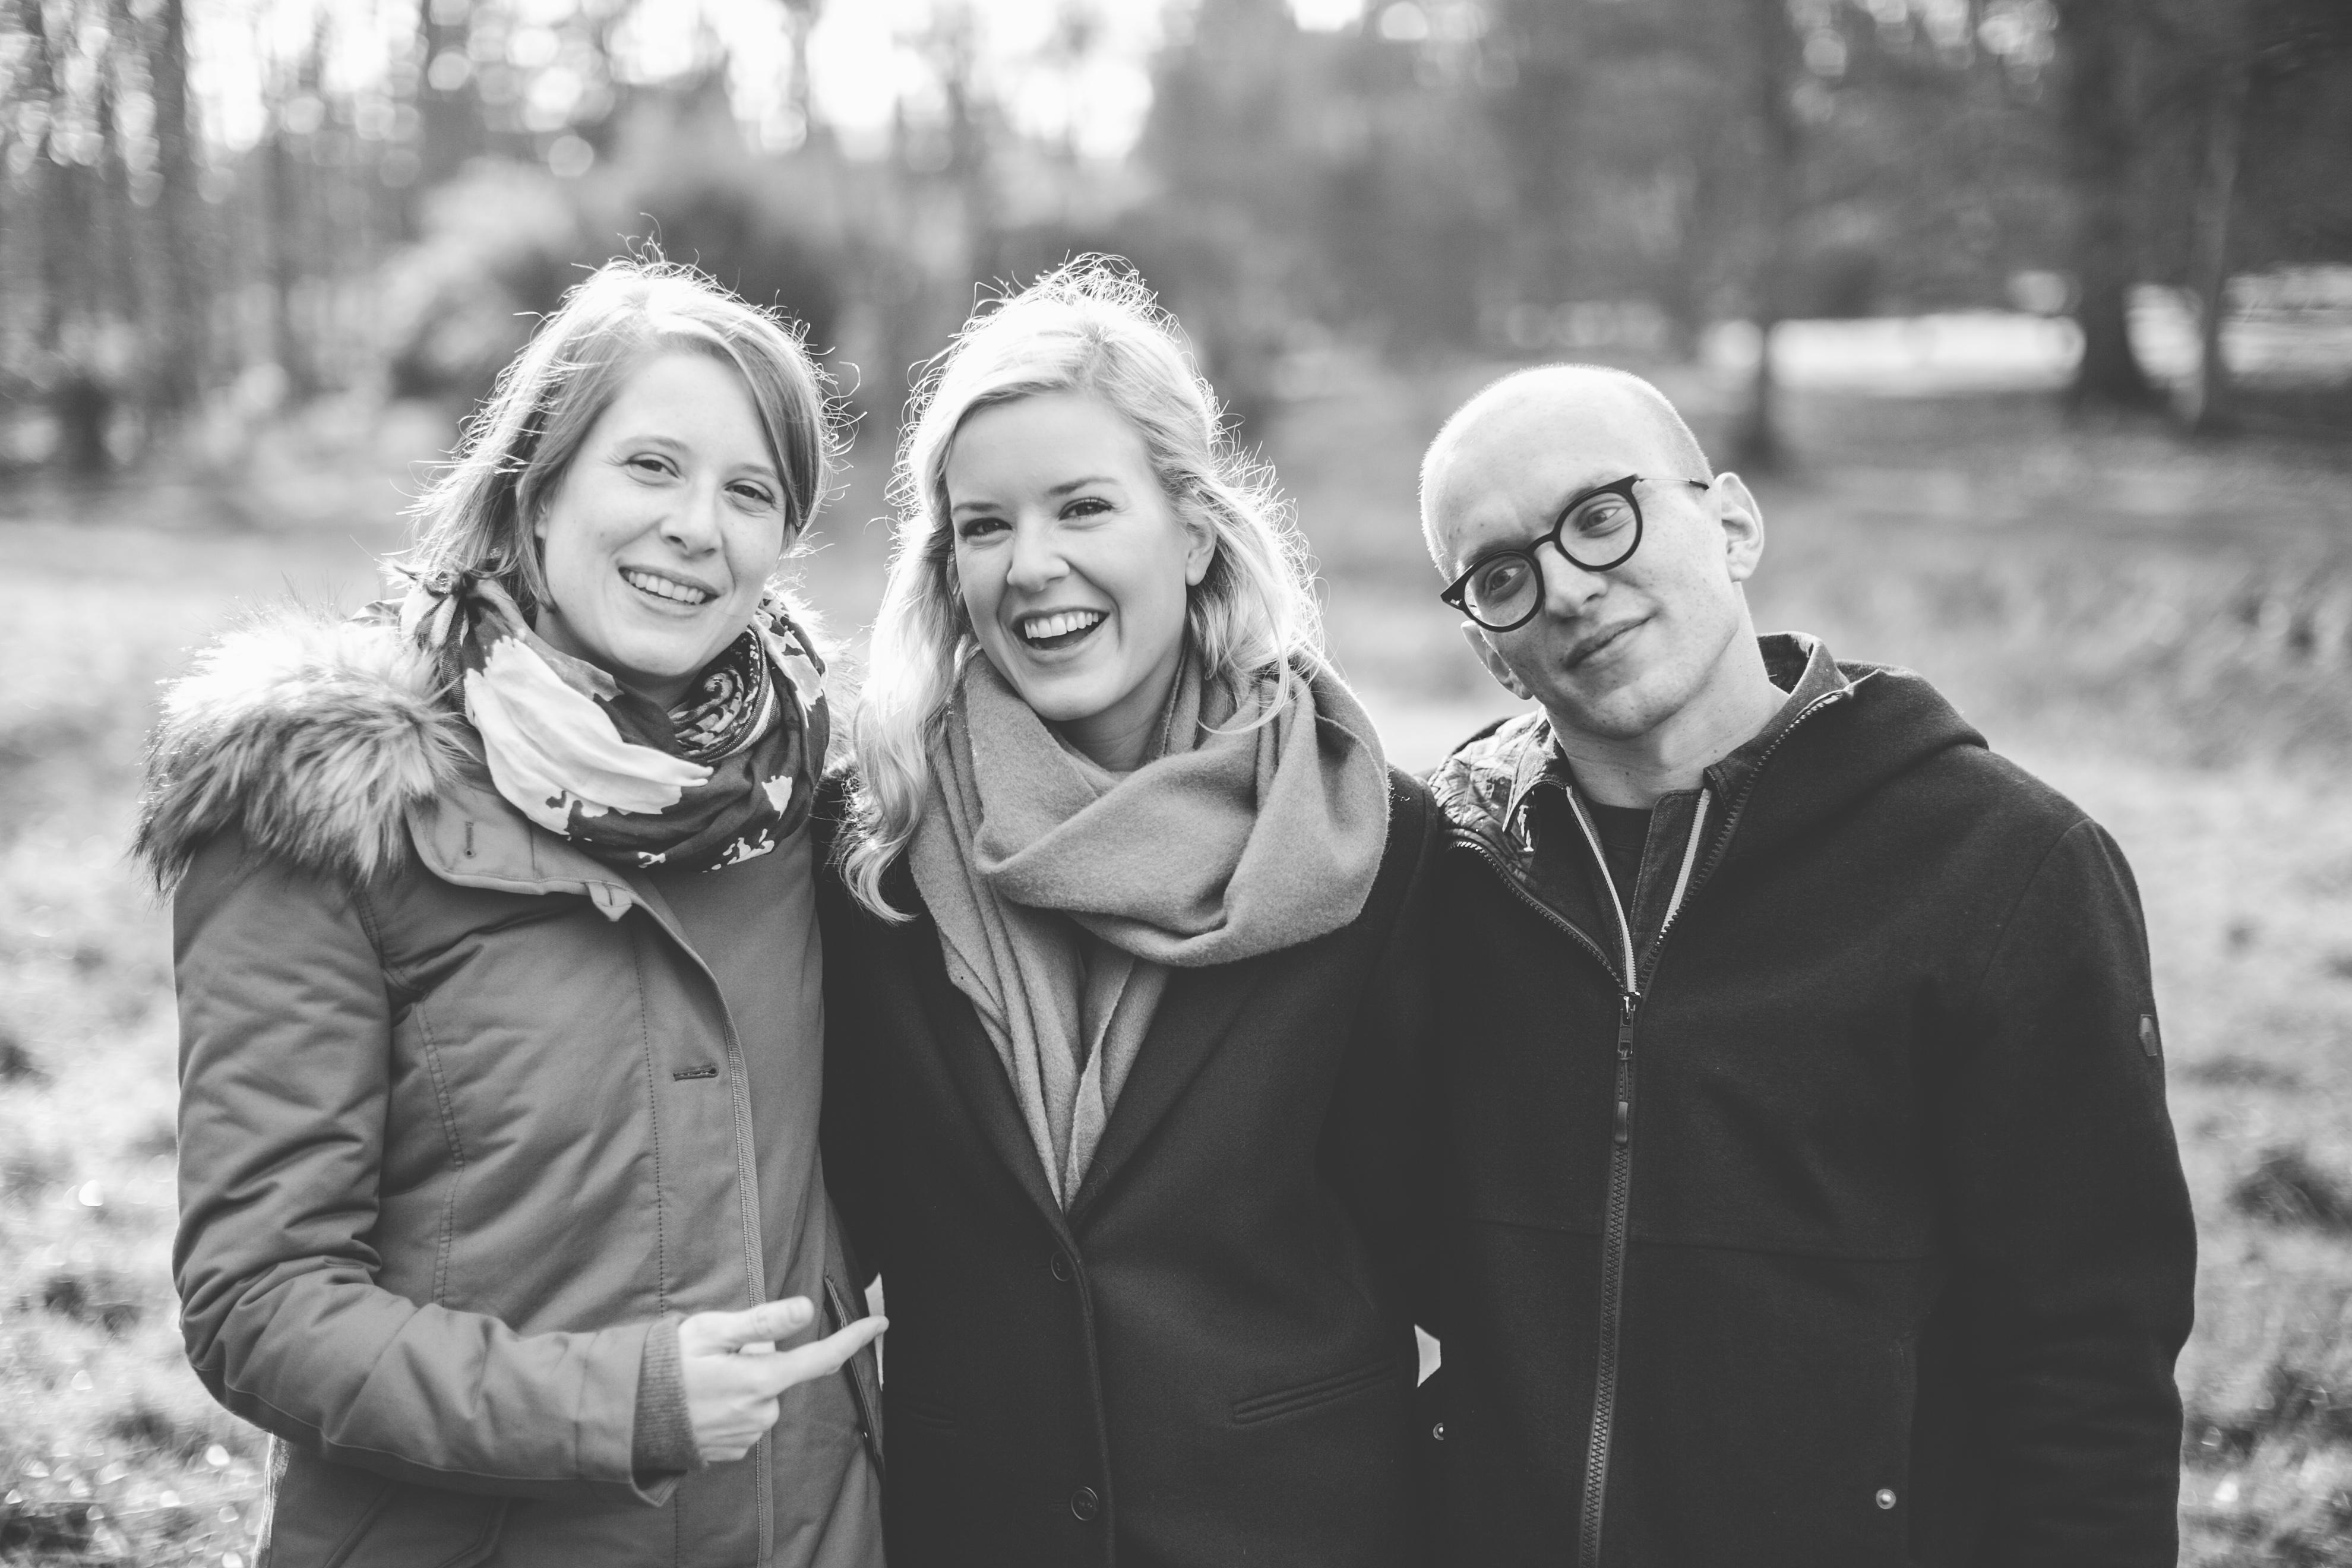 FAMILIE DENTURCK-1386